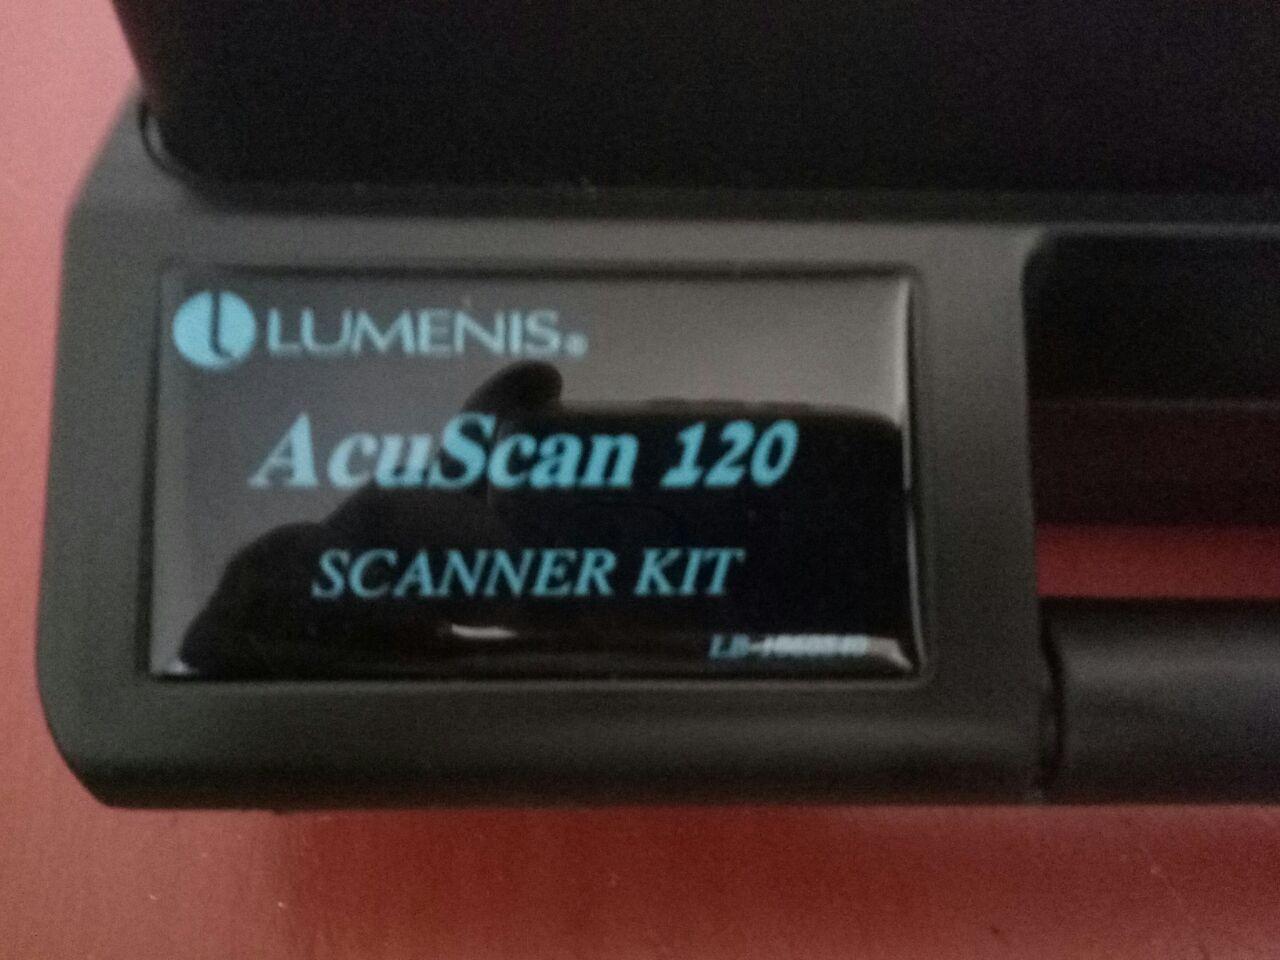 Acuscan 120 2